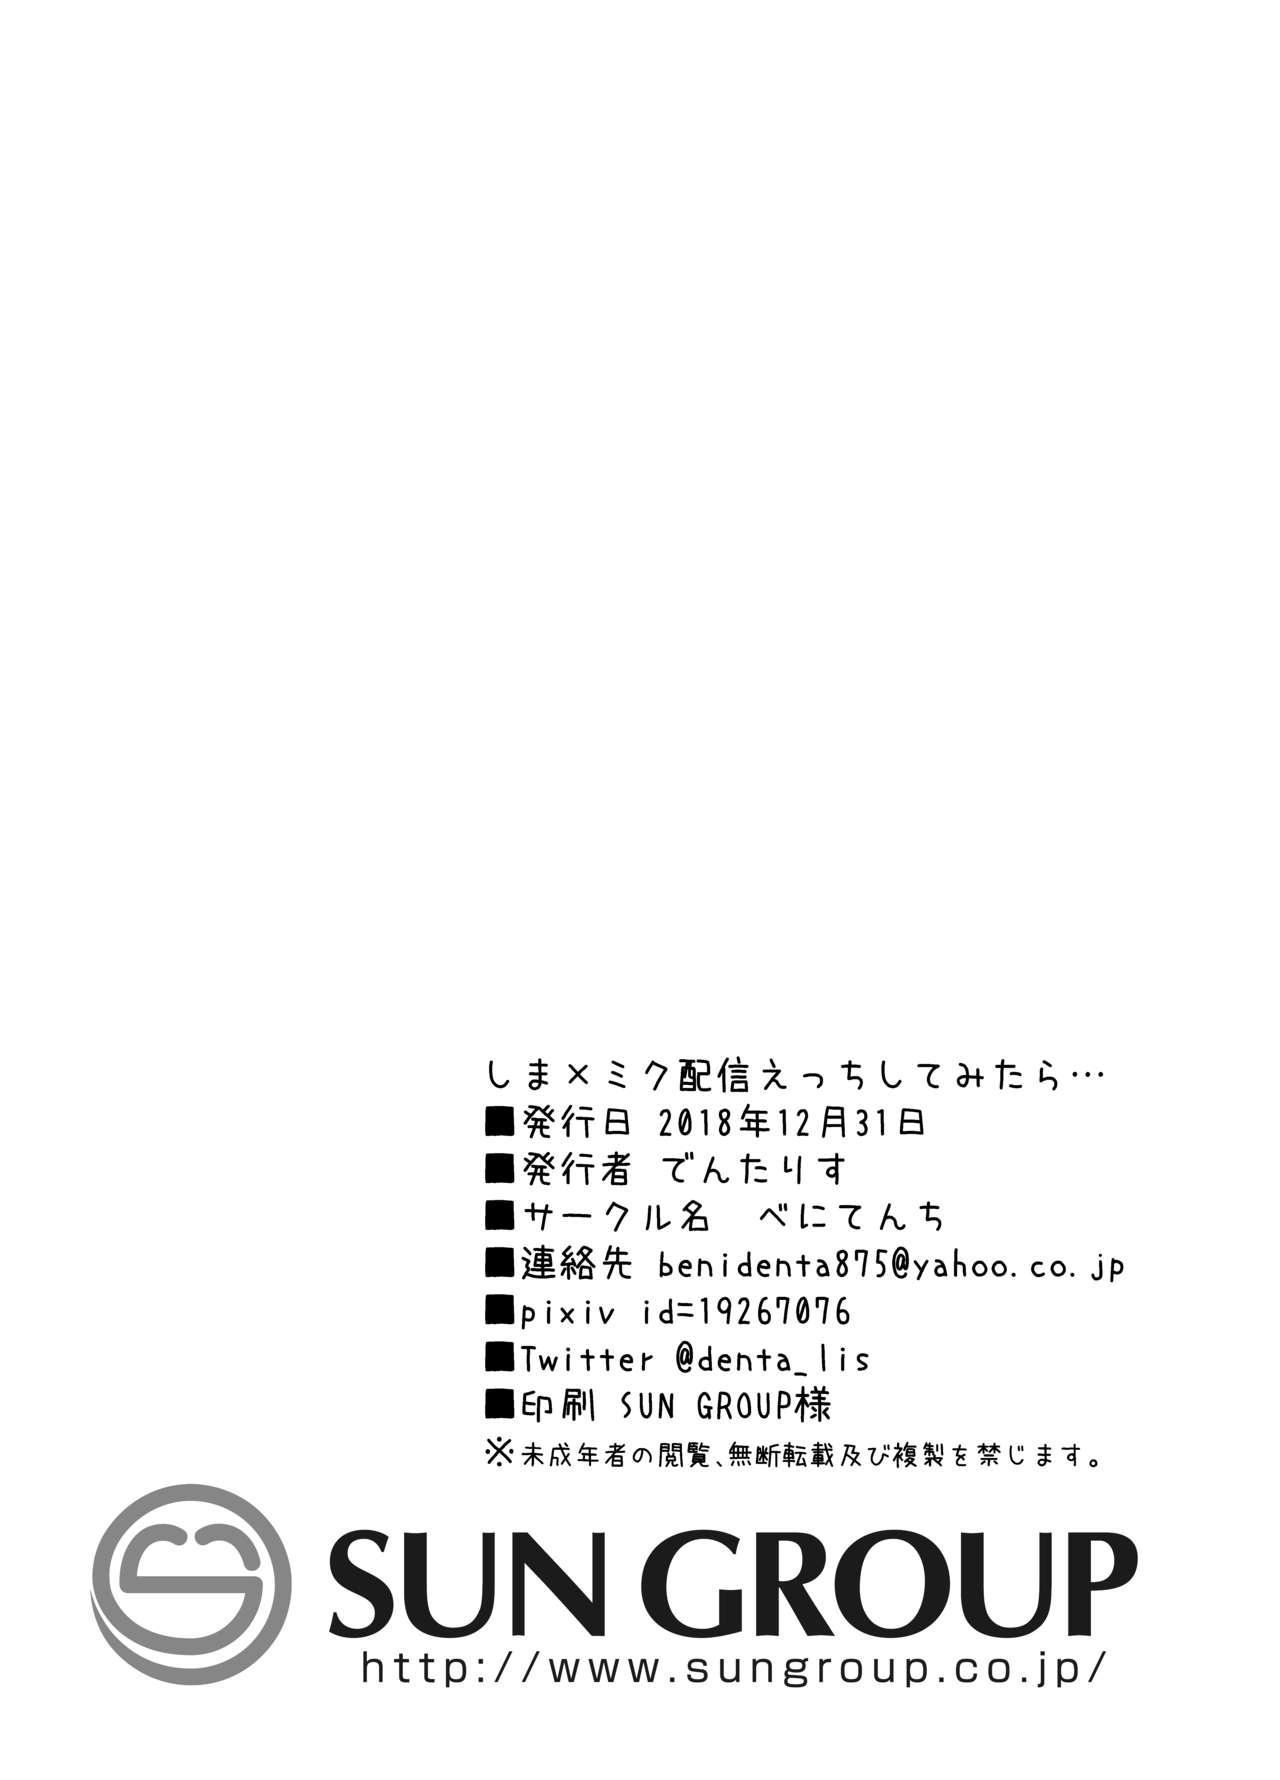 Shima x Miku Haishin Ecchi Shitemitara... 20